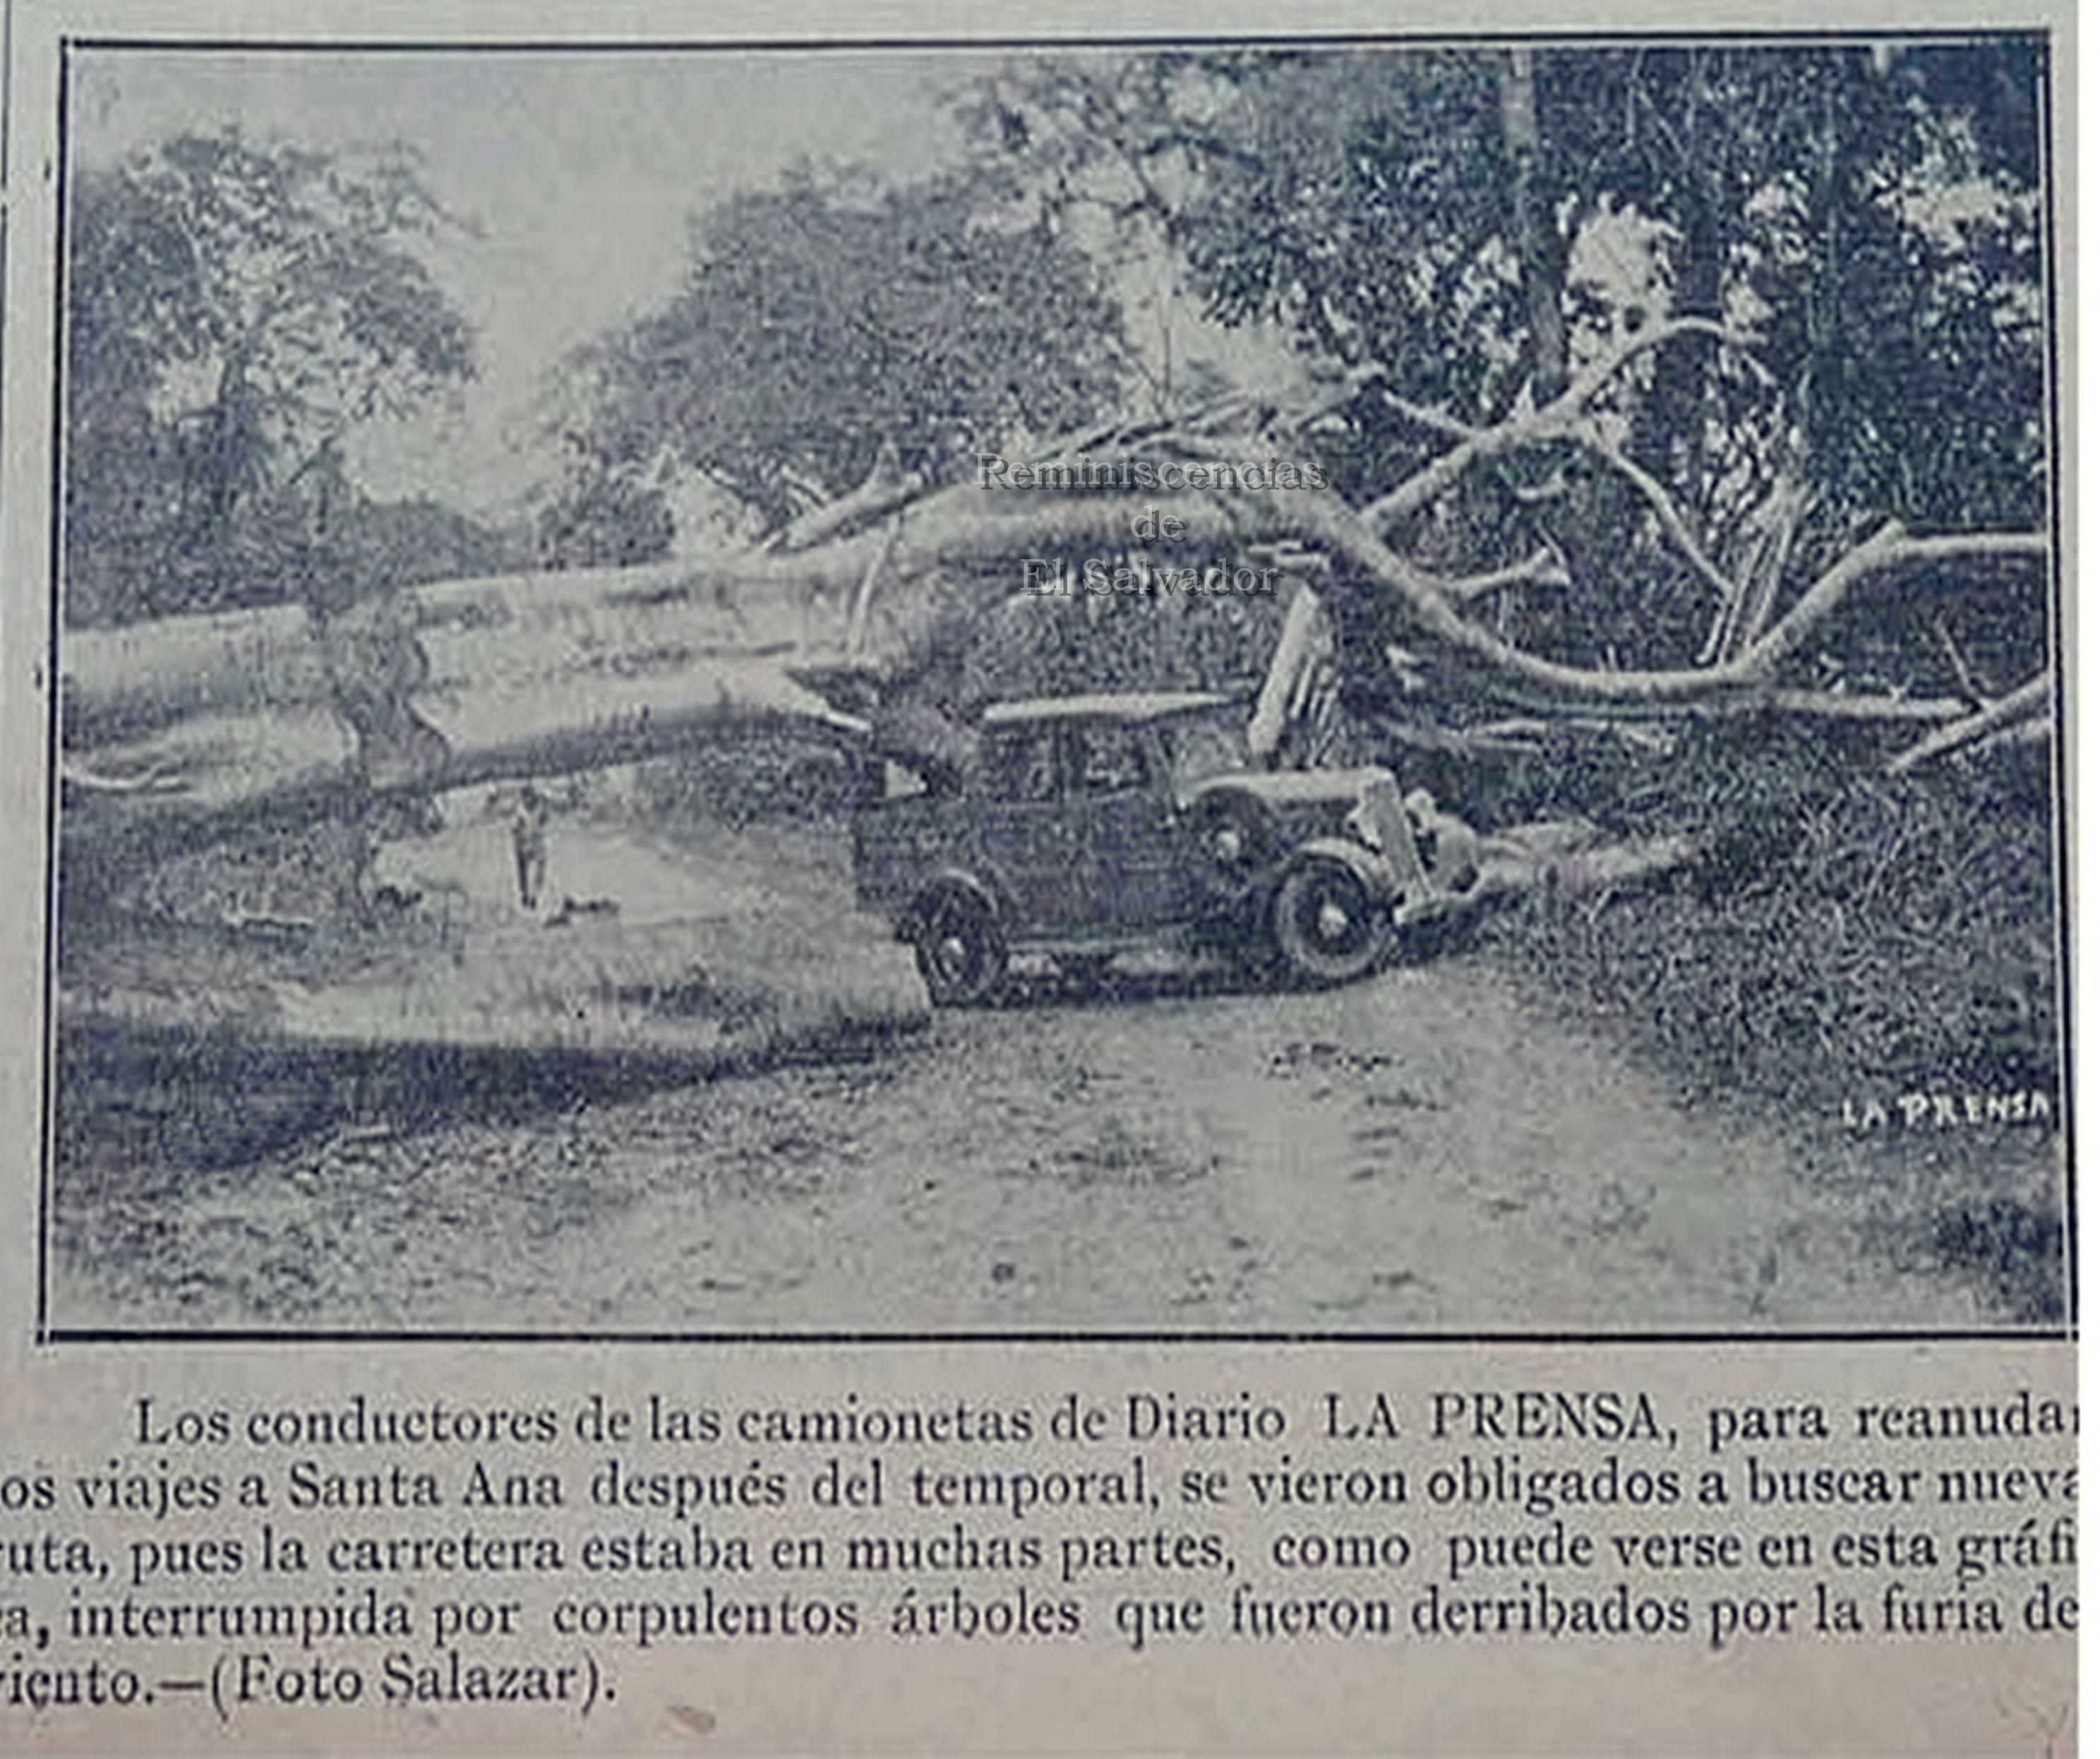 1934, Imagen de \